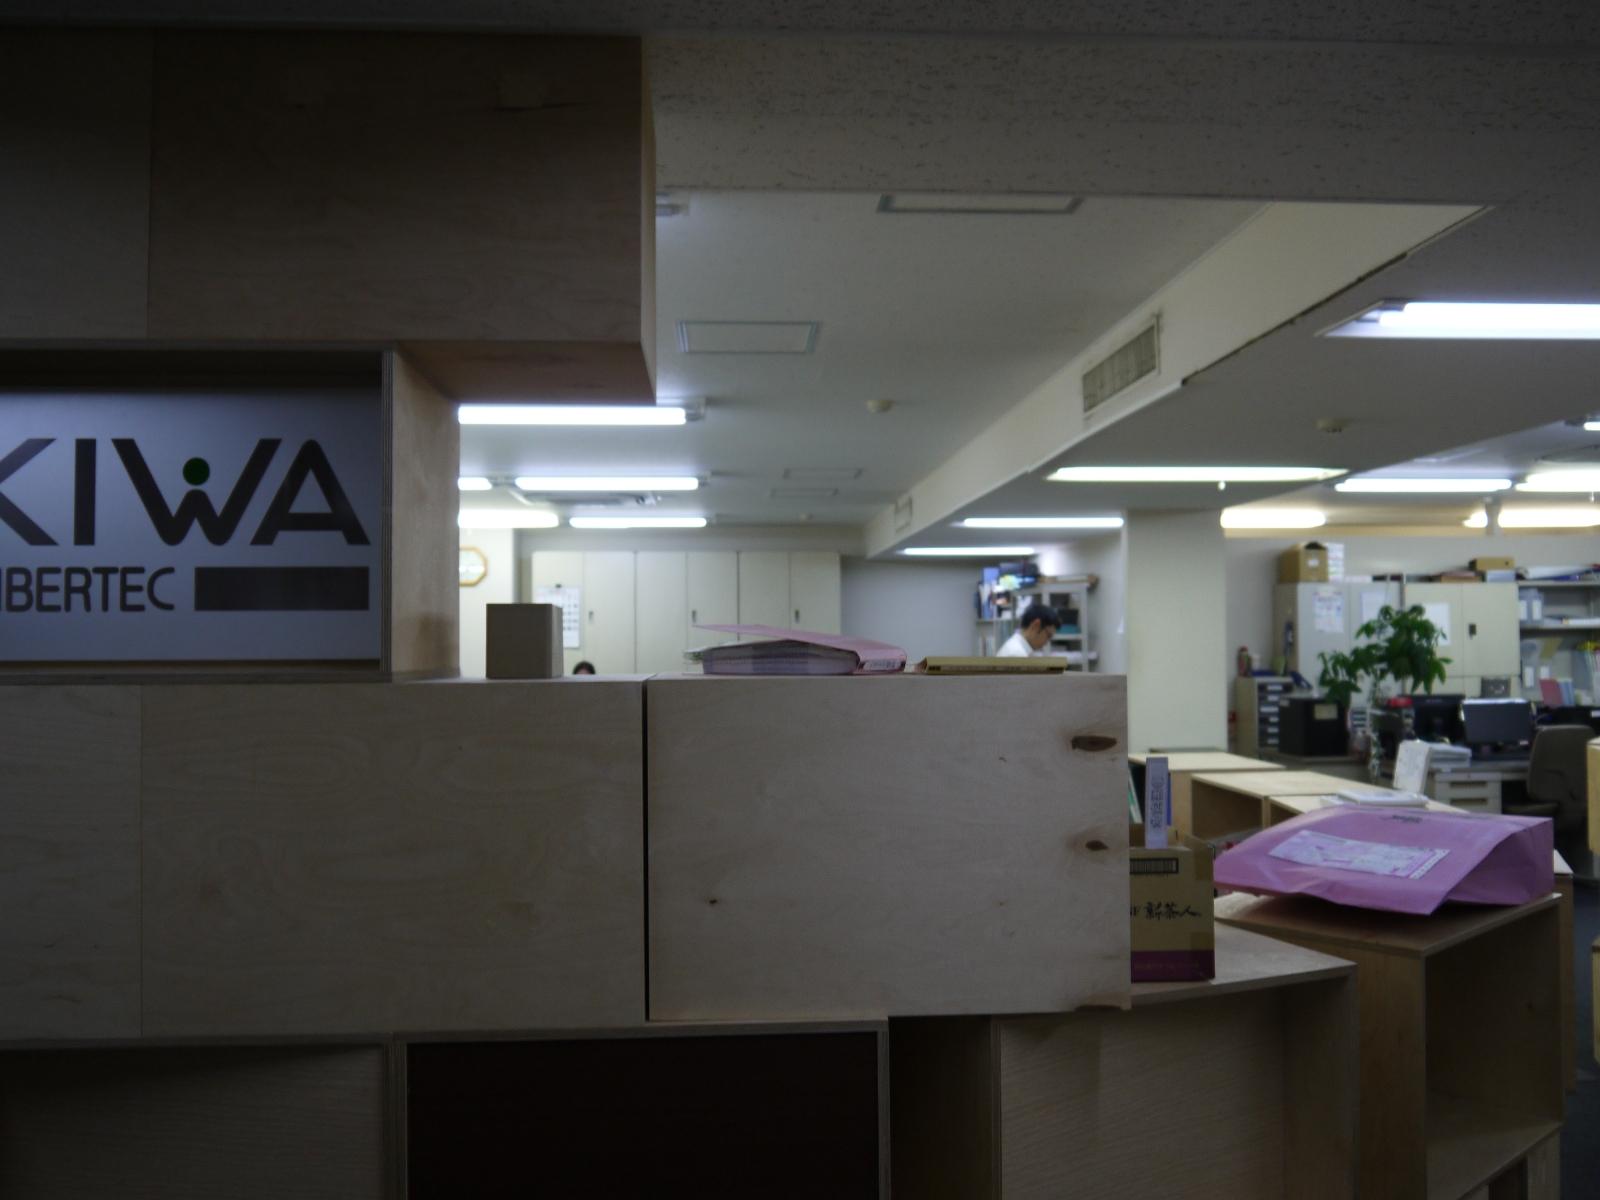 2014-05-27 トキワランバー様 クラフトスペース【3Dデザイン】-エントランス1.Before